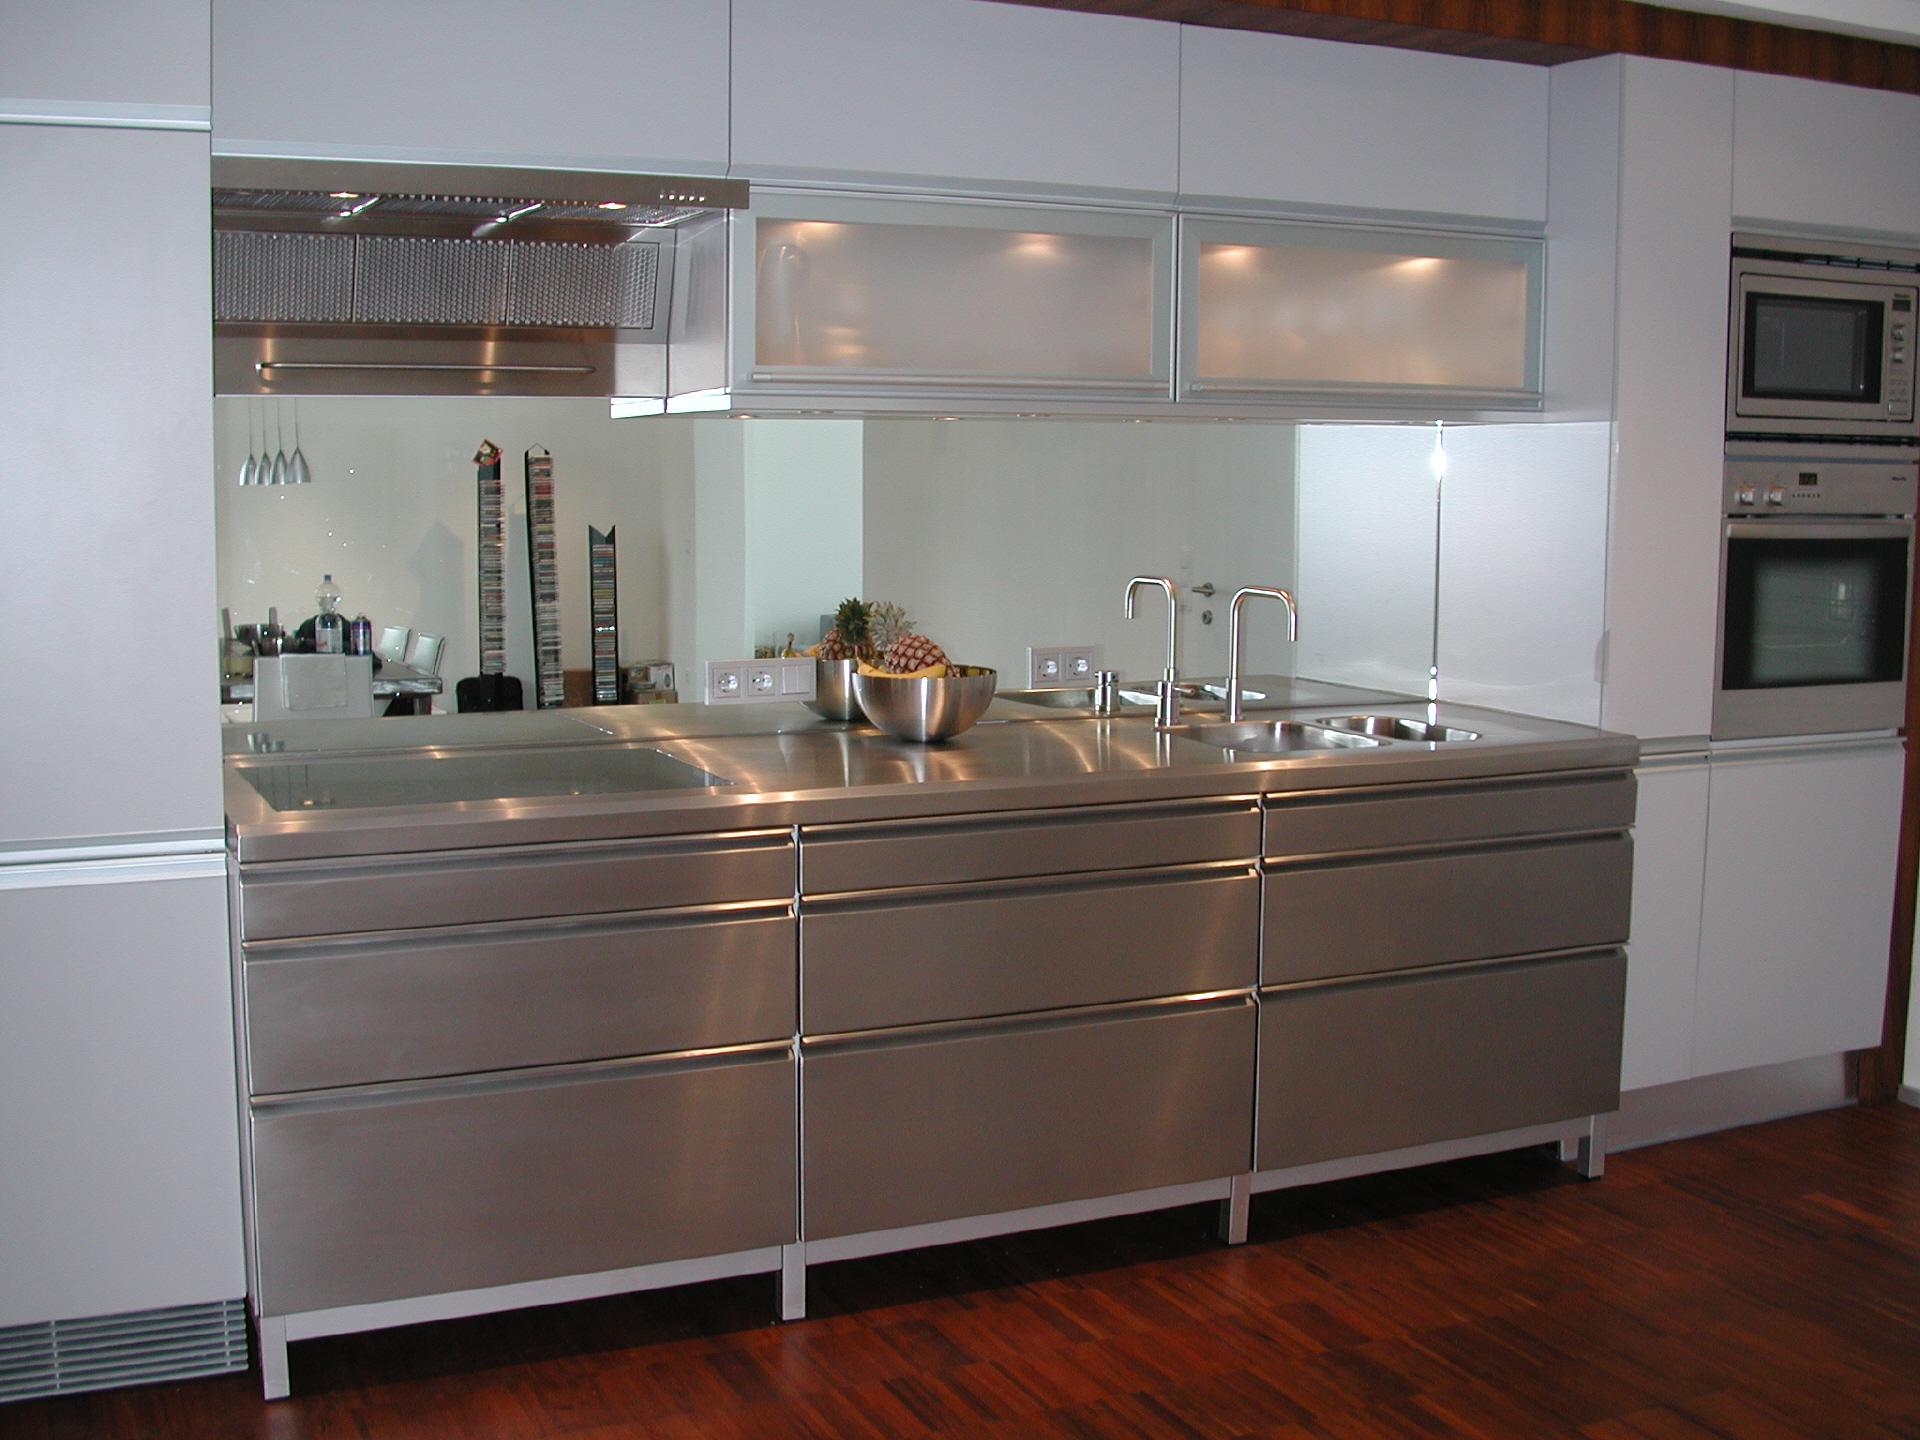 Full Size of Edelstahl Küchen Kchen Edelstahlküche Gebraucht Garten Outdoor Küche Regal Wohnzimmer Edelstahl Küchen